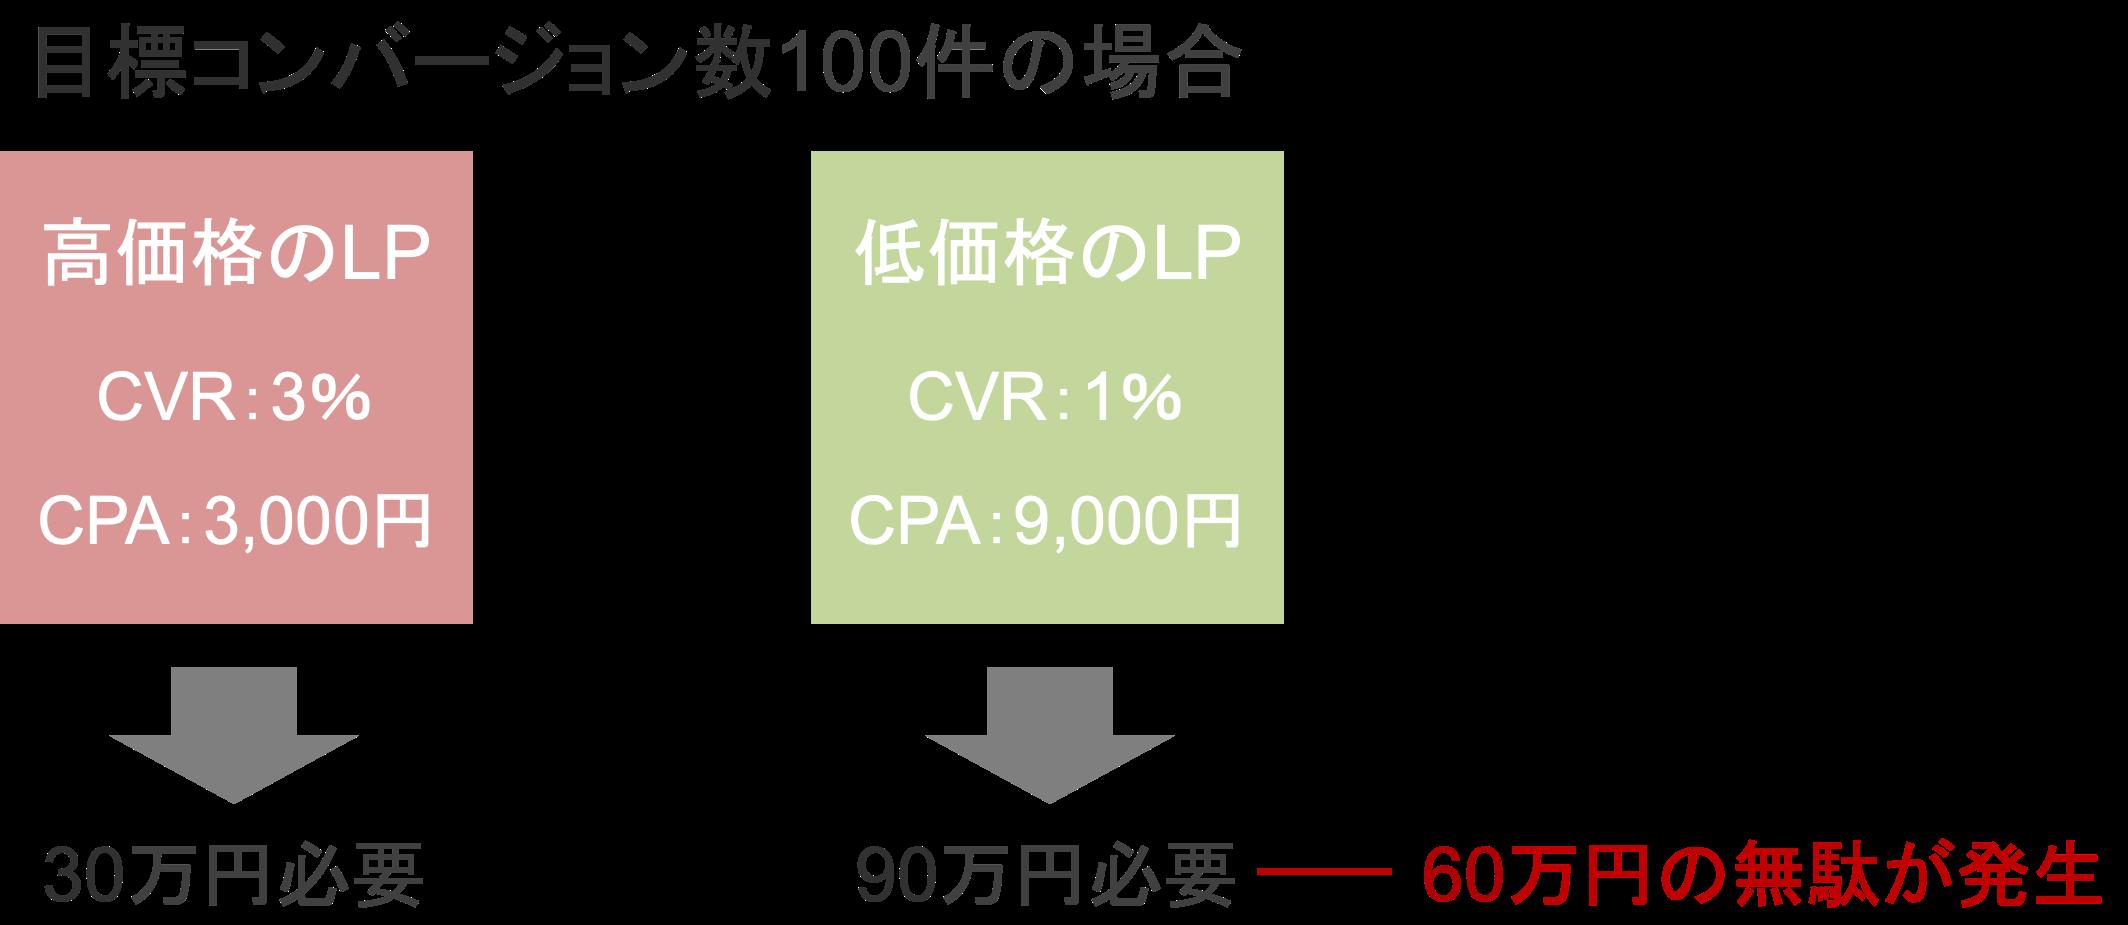 低価格のLPを使ったときに無駄な広告費用が発生する具体例